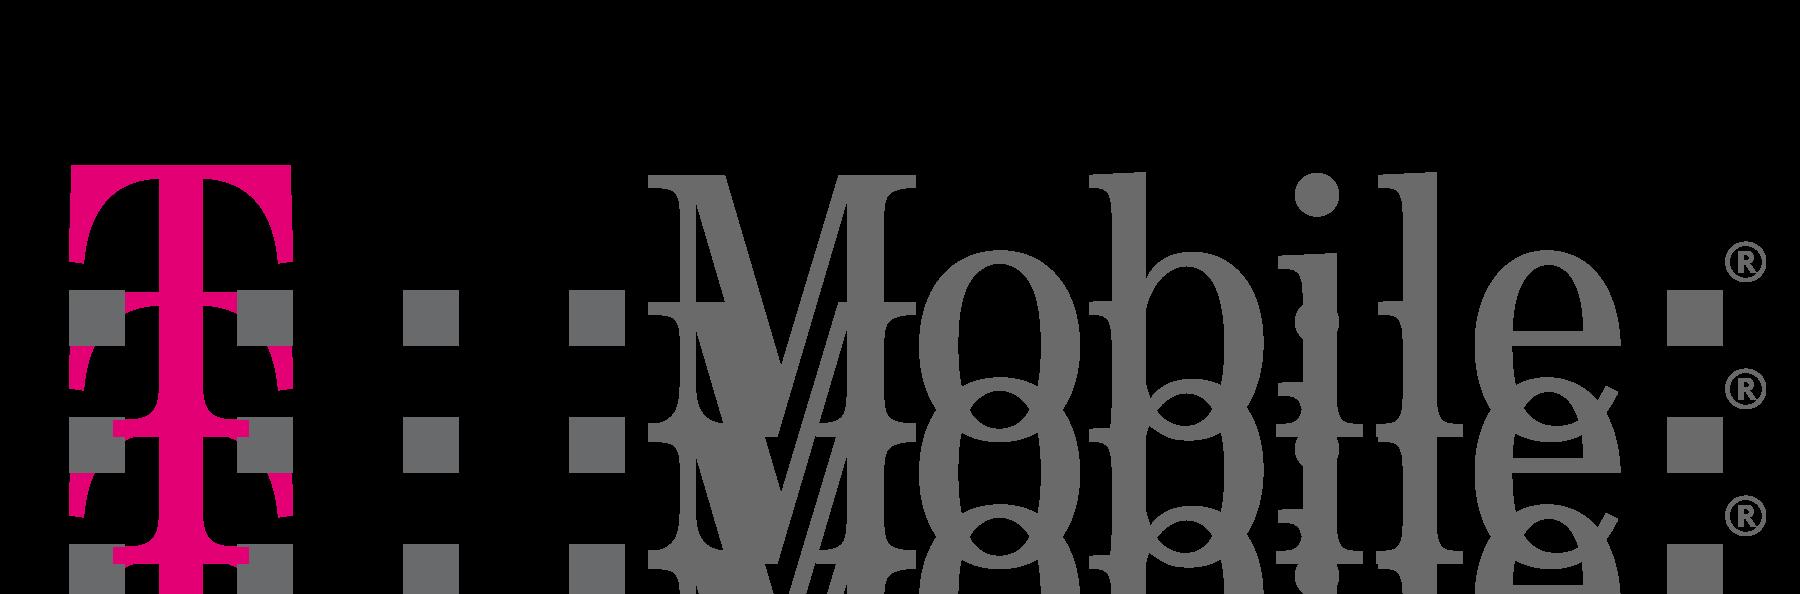 t-mobile-logo-transparent-t-mobile-logo.jpg